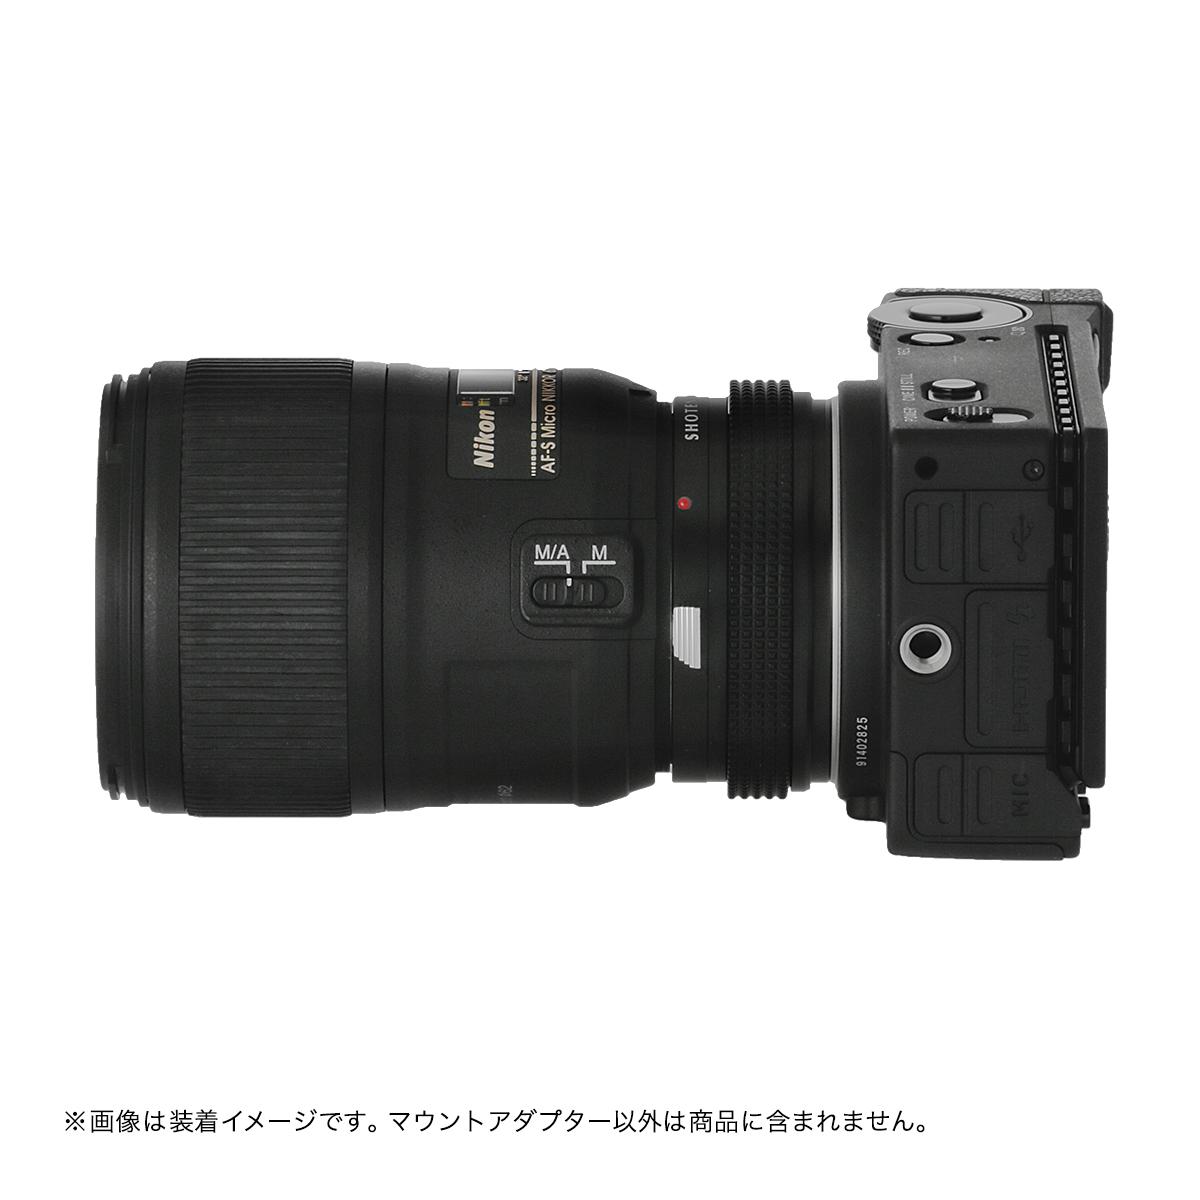 SHOTEN  NFG-LSL(ニコンFマウント[Gタイプ対応]マウントレンズ →  L(バヨネット)マウント変換)絞りリング付きマウントアダプター